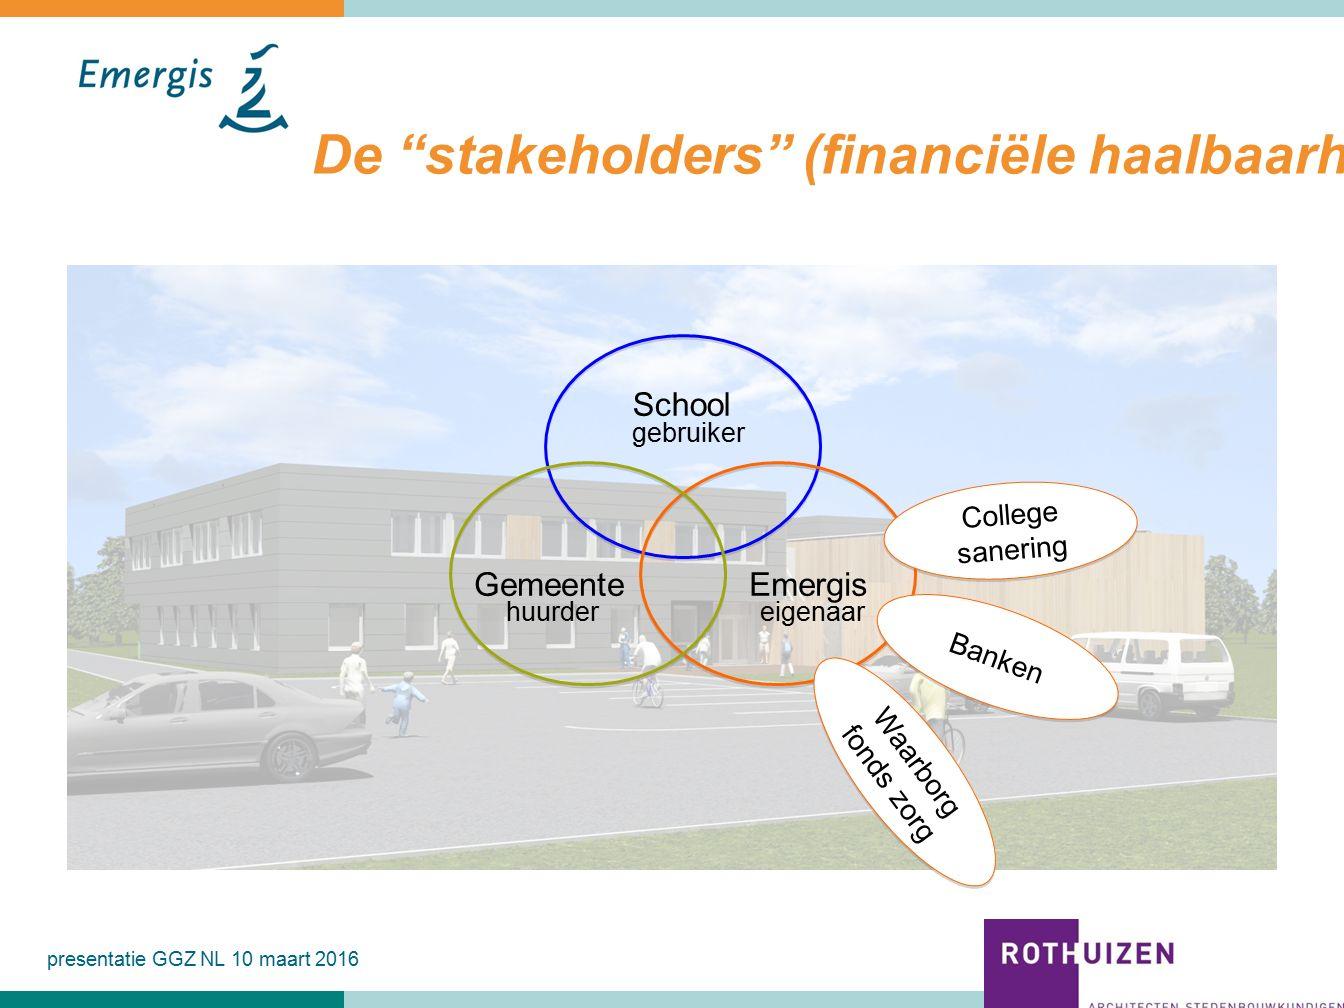 5 EmergisGemeente School eigenaarhuurder gebruiker College sanering Banken Waarborg fonds zorg De stakeholders (financiële haalbaarheid) presentatie GGZ NL 10 maart 2016